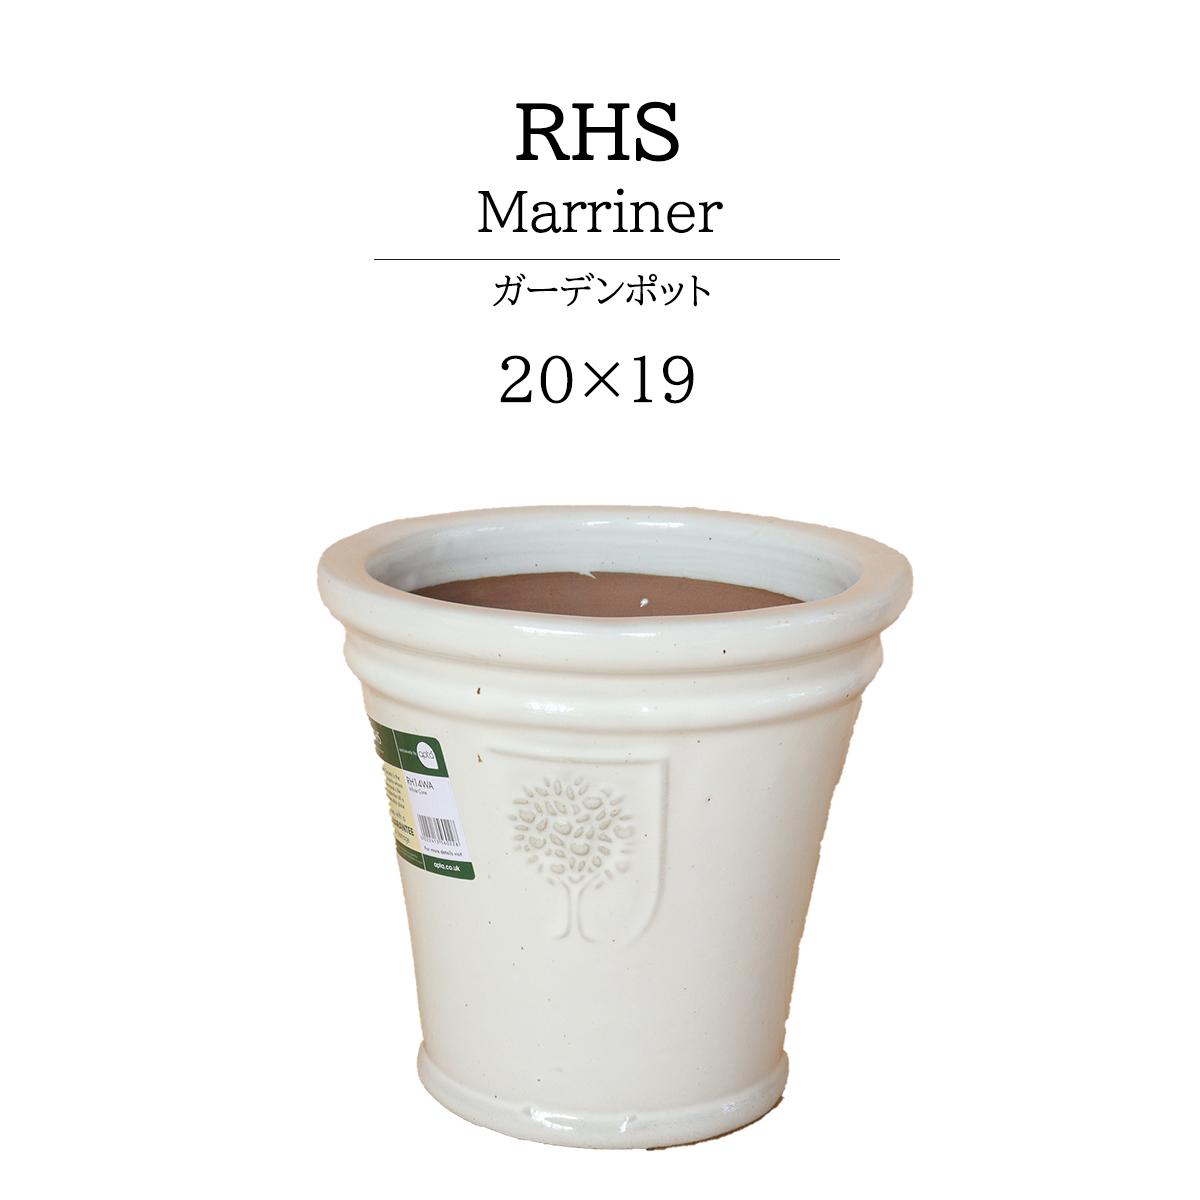 RHS Marriner ホワイトSS